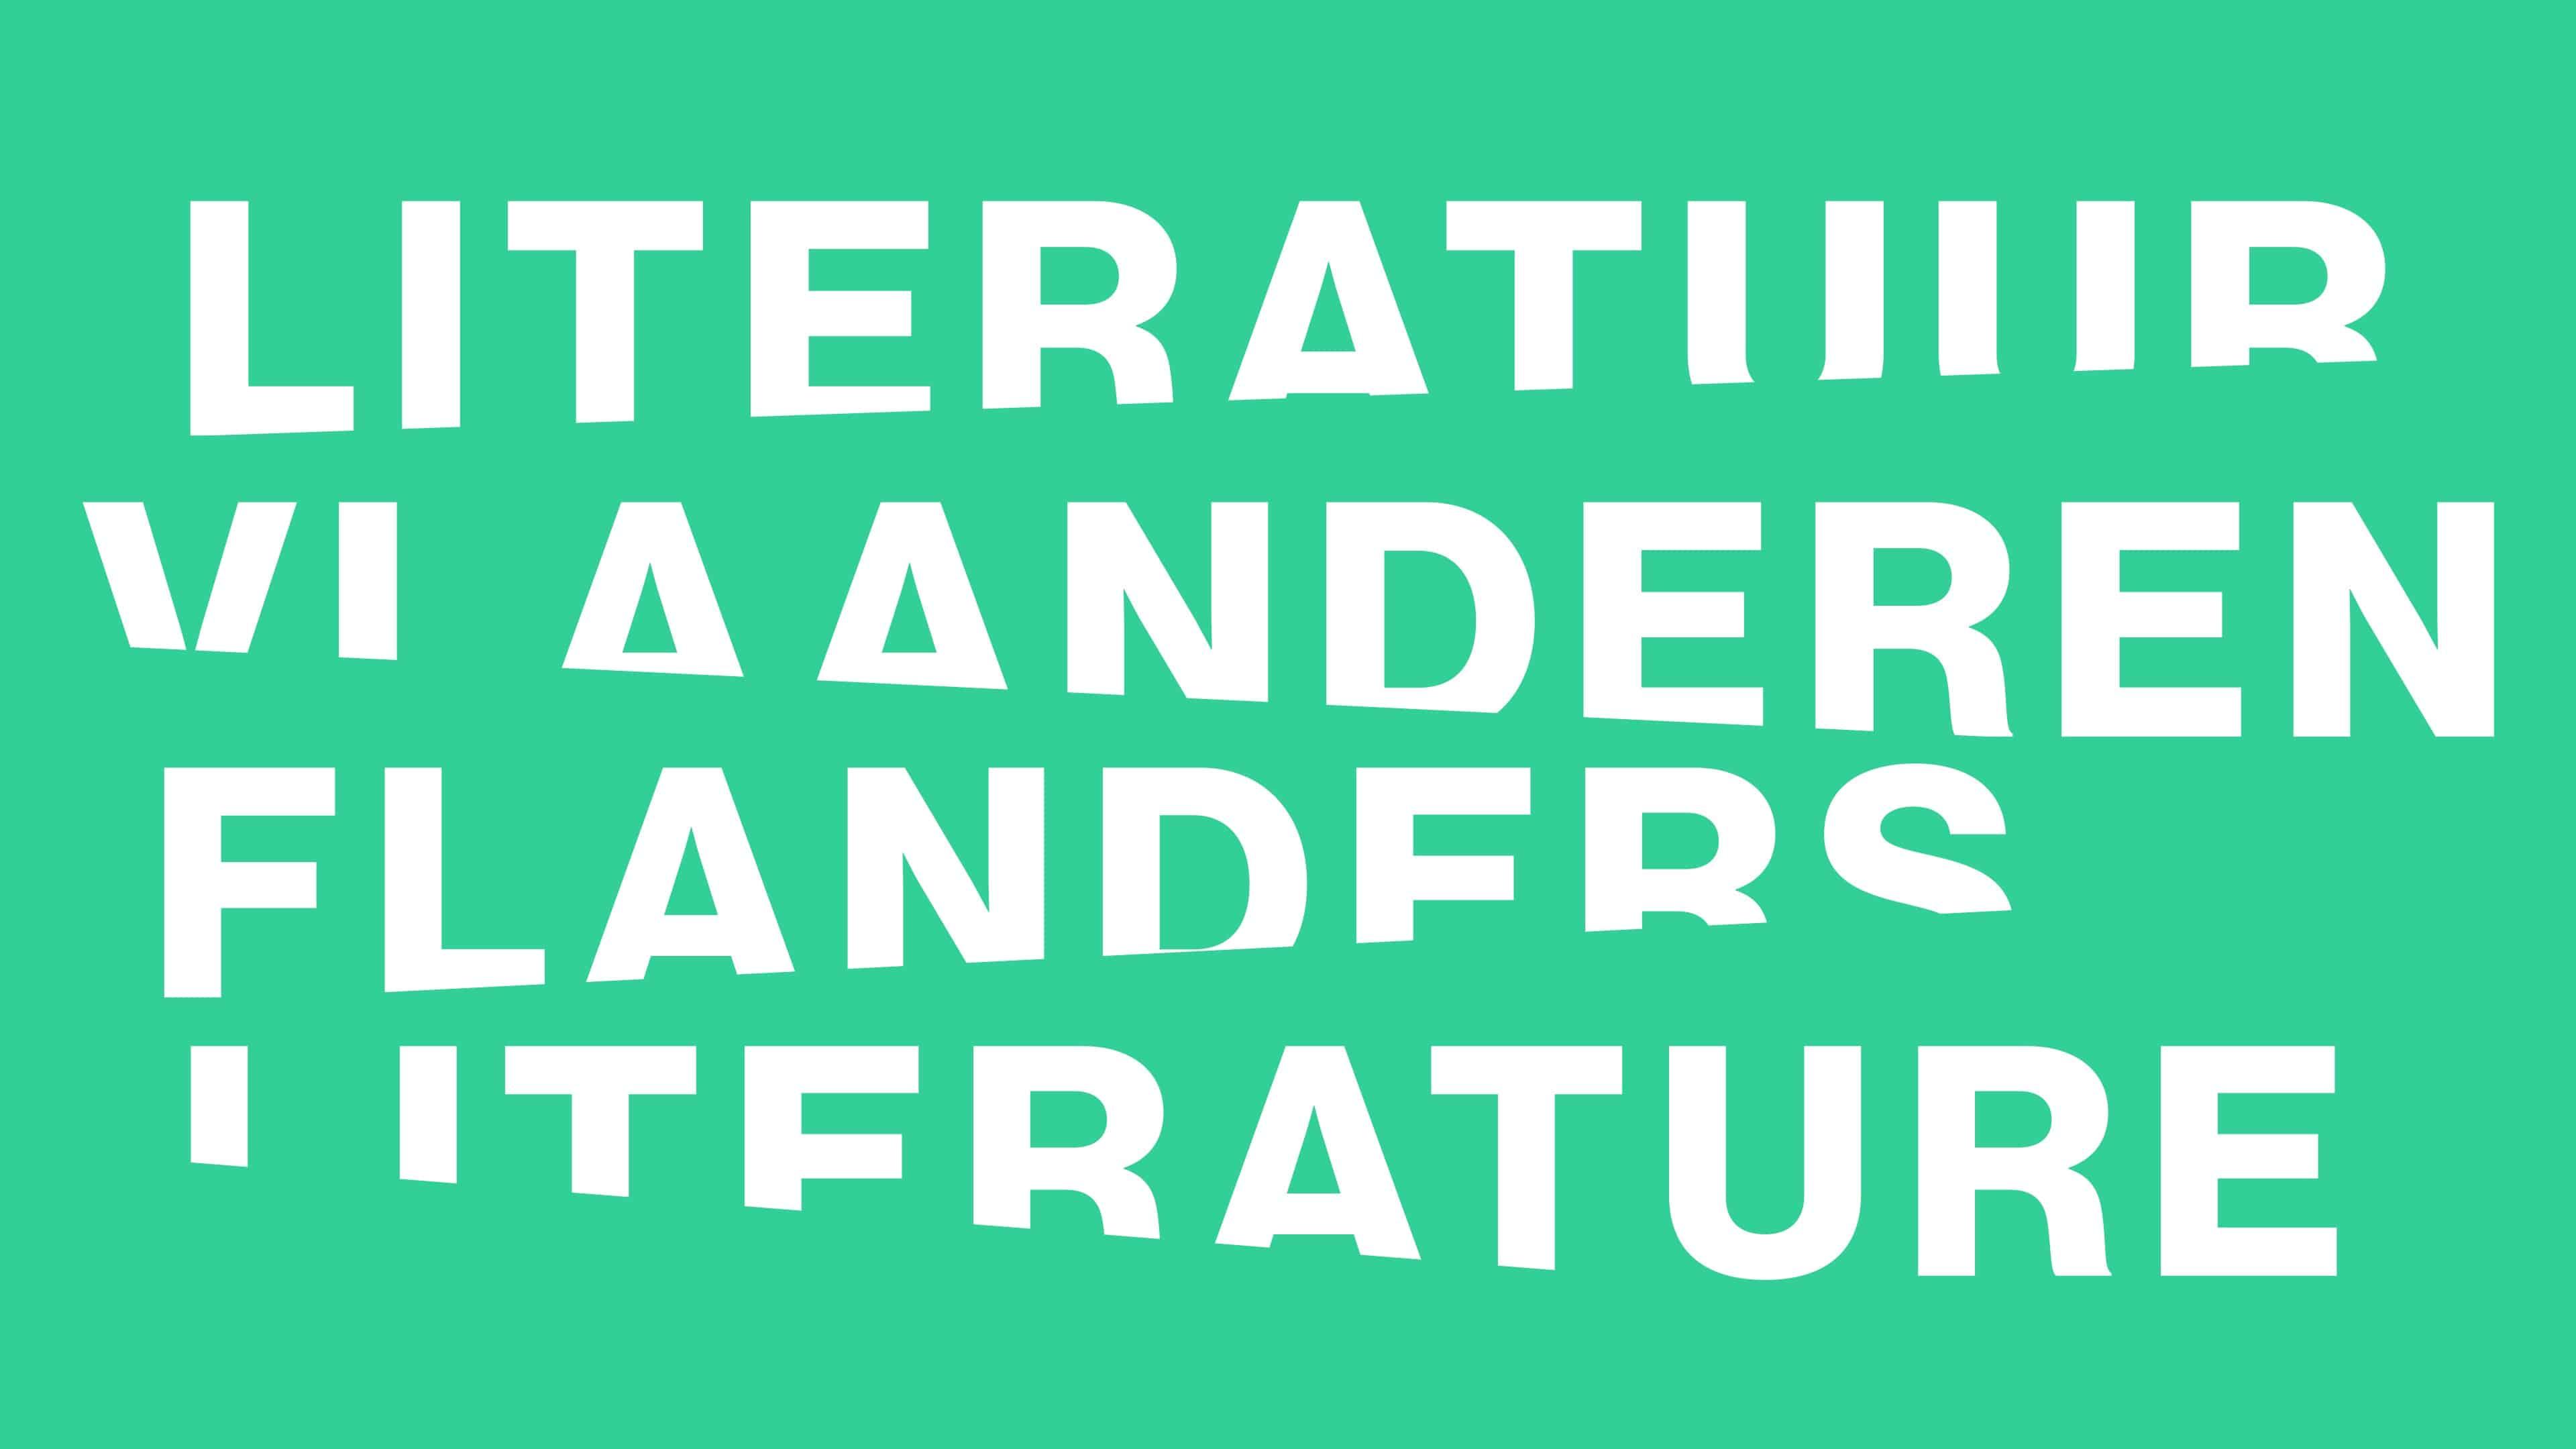 Literatuur Vlaanderen